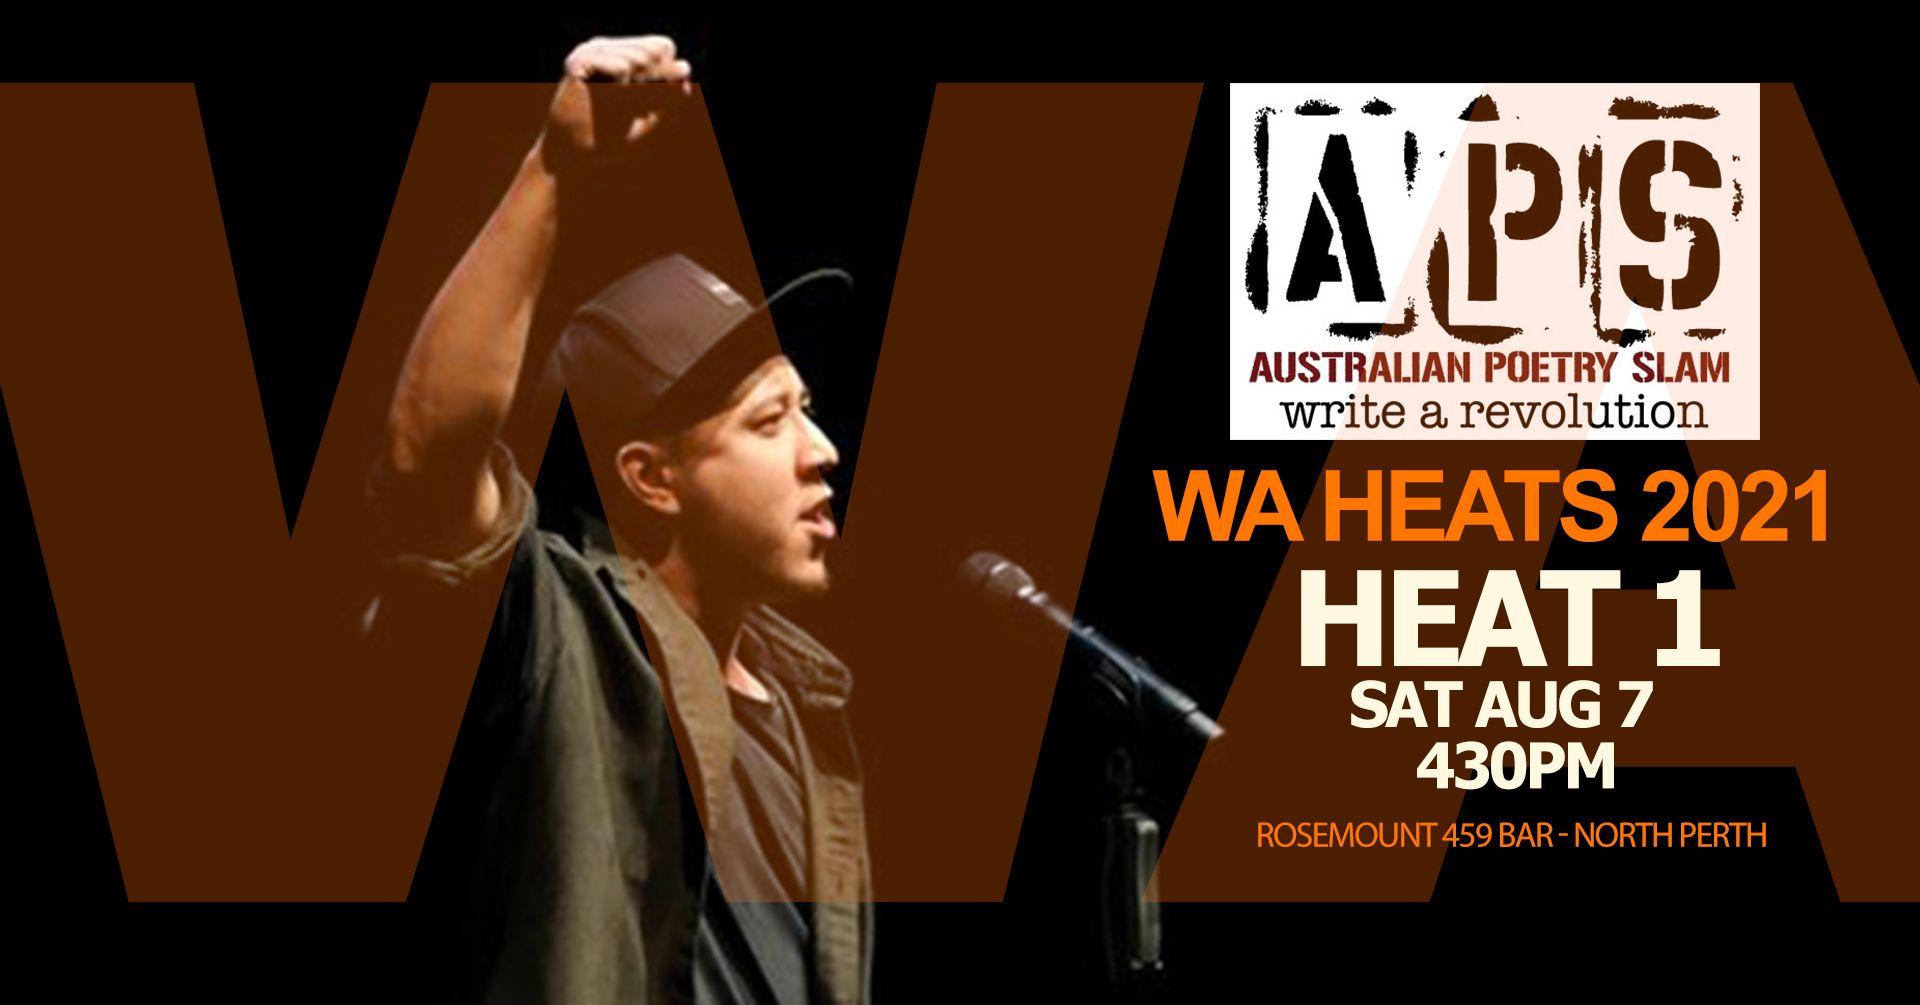 Heat 1 - WA Heats Australian Poetry Slam 2021